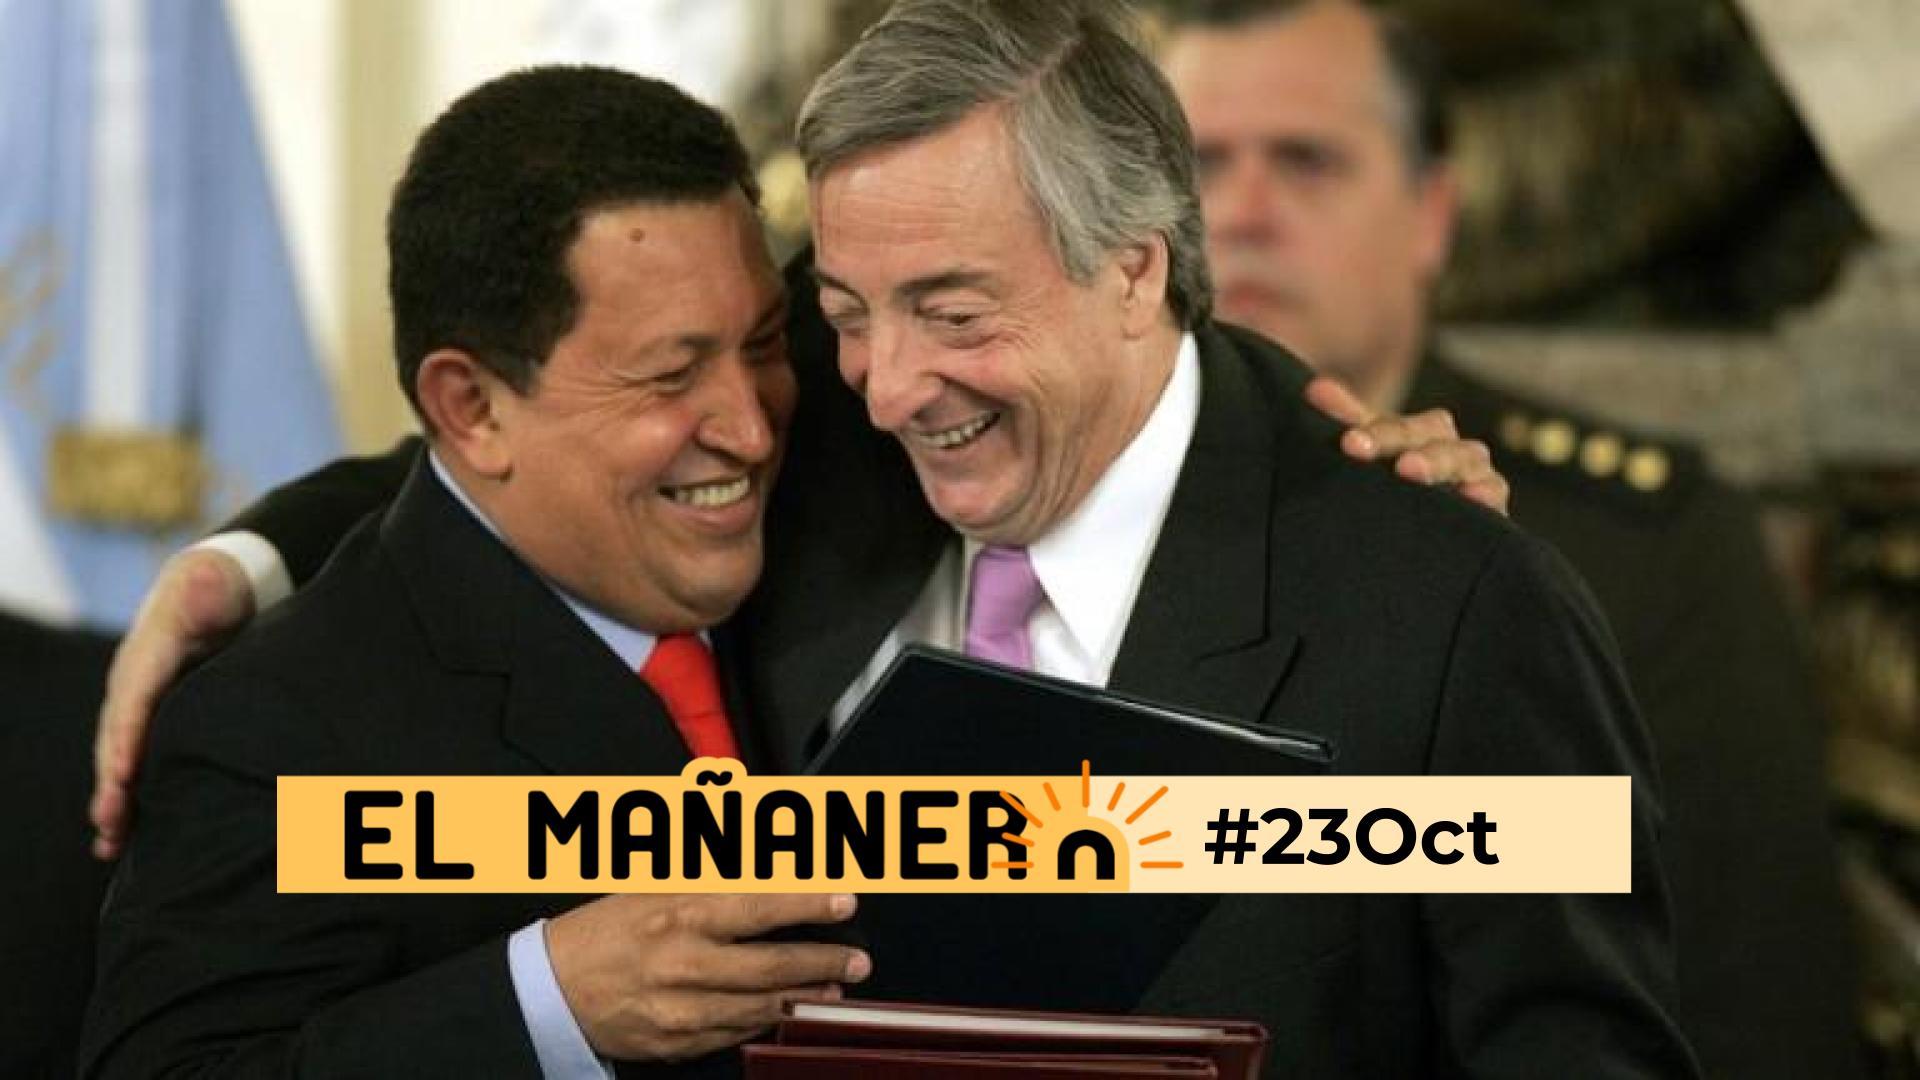 El Mañanero de hoy #23Oct: Las 8 noticias que debes saber